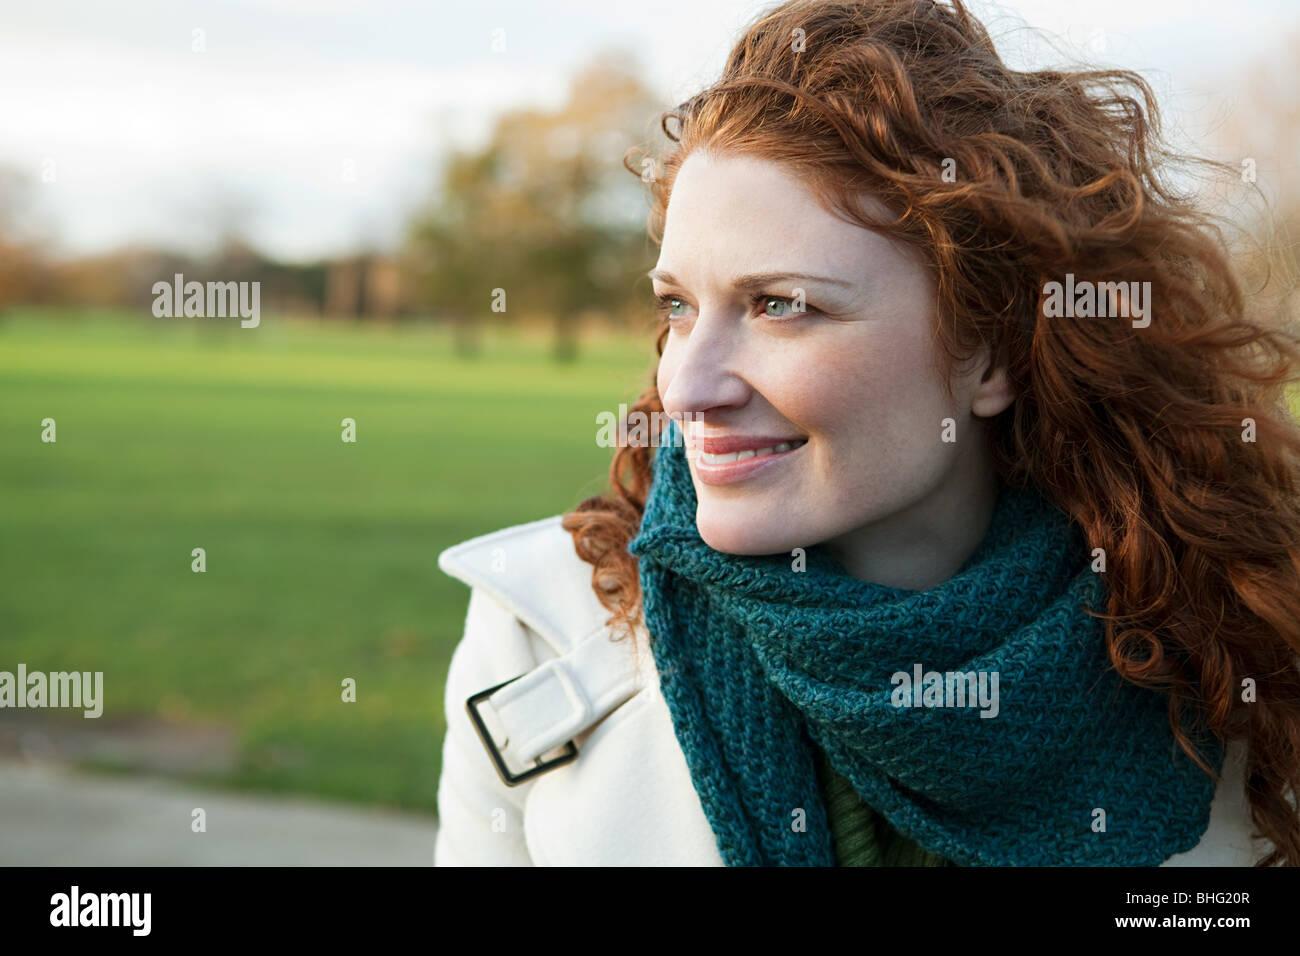 Retrato de una mujer de pelo rojo sonriente Imagen De Stock